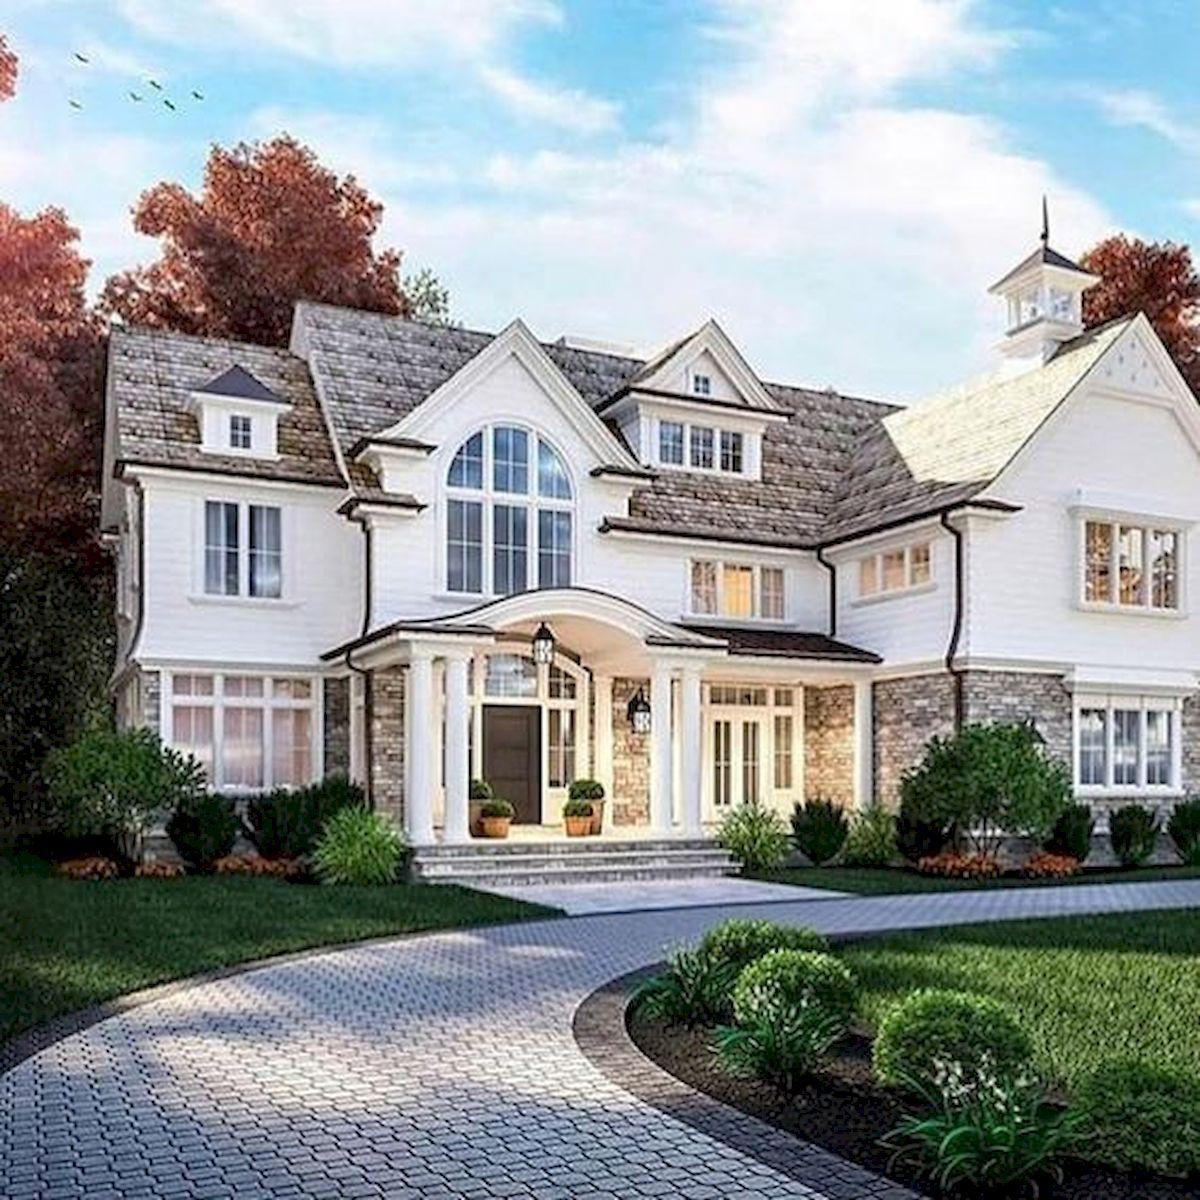 40 Fantastic Dream Home Exterior Design Ideas #beautifulhomes